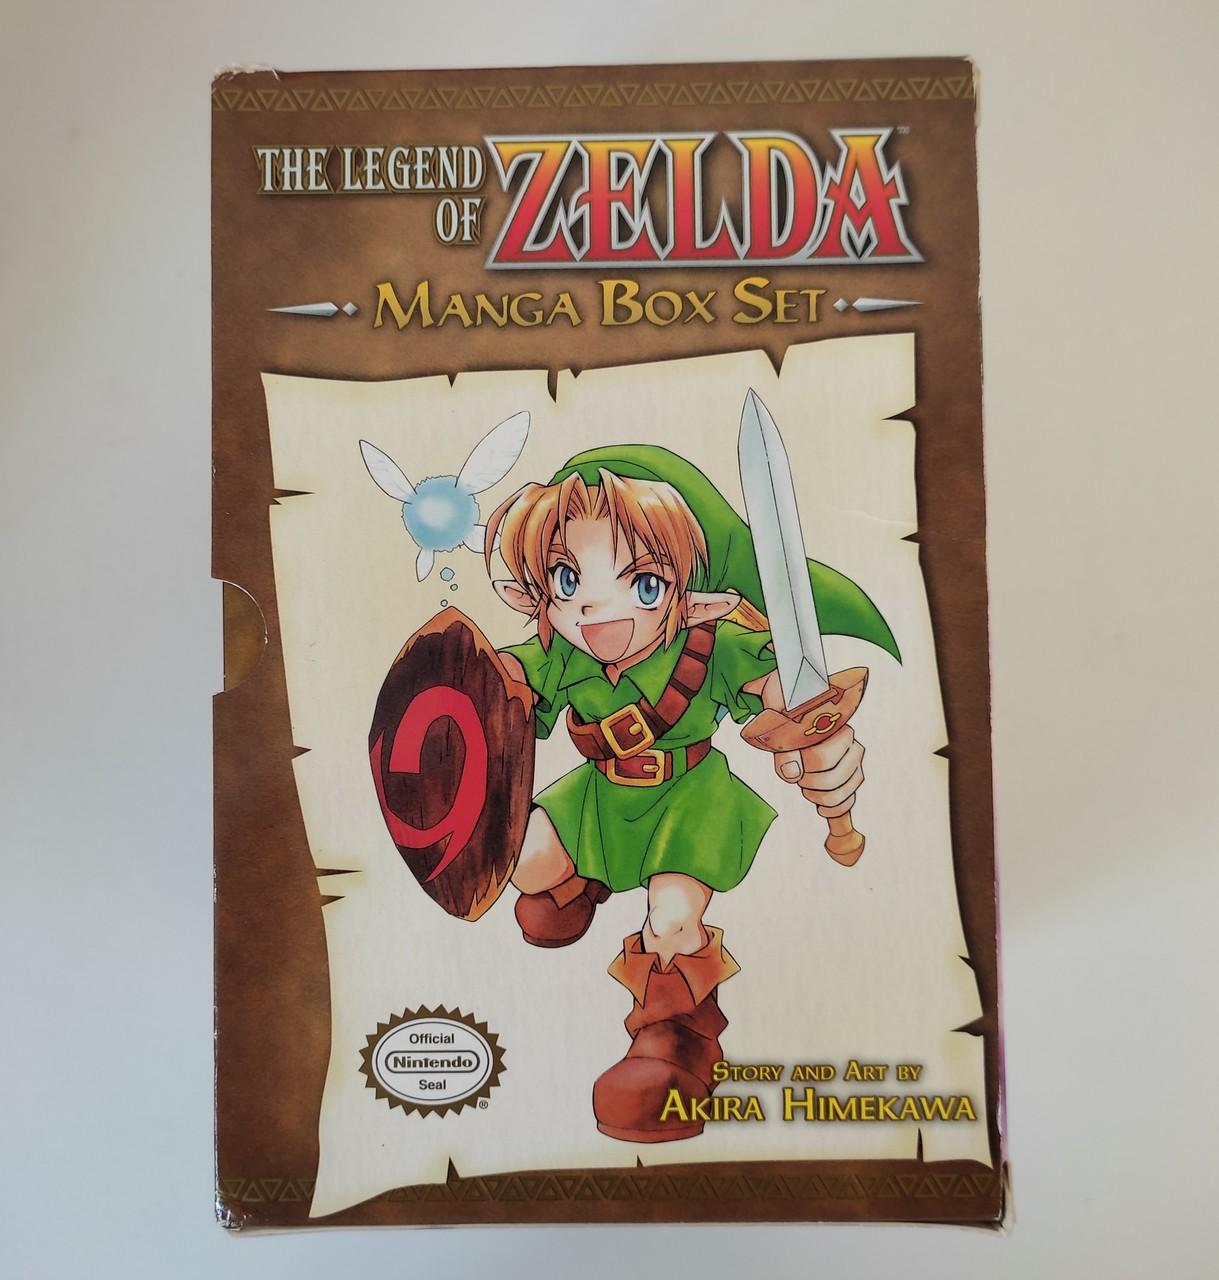 The Legend of Zelda - INGLÊS - Mangá BOX Set - Usado